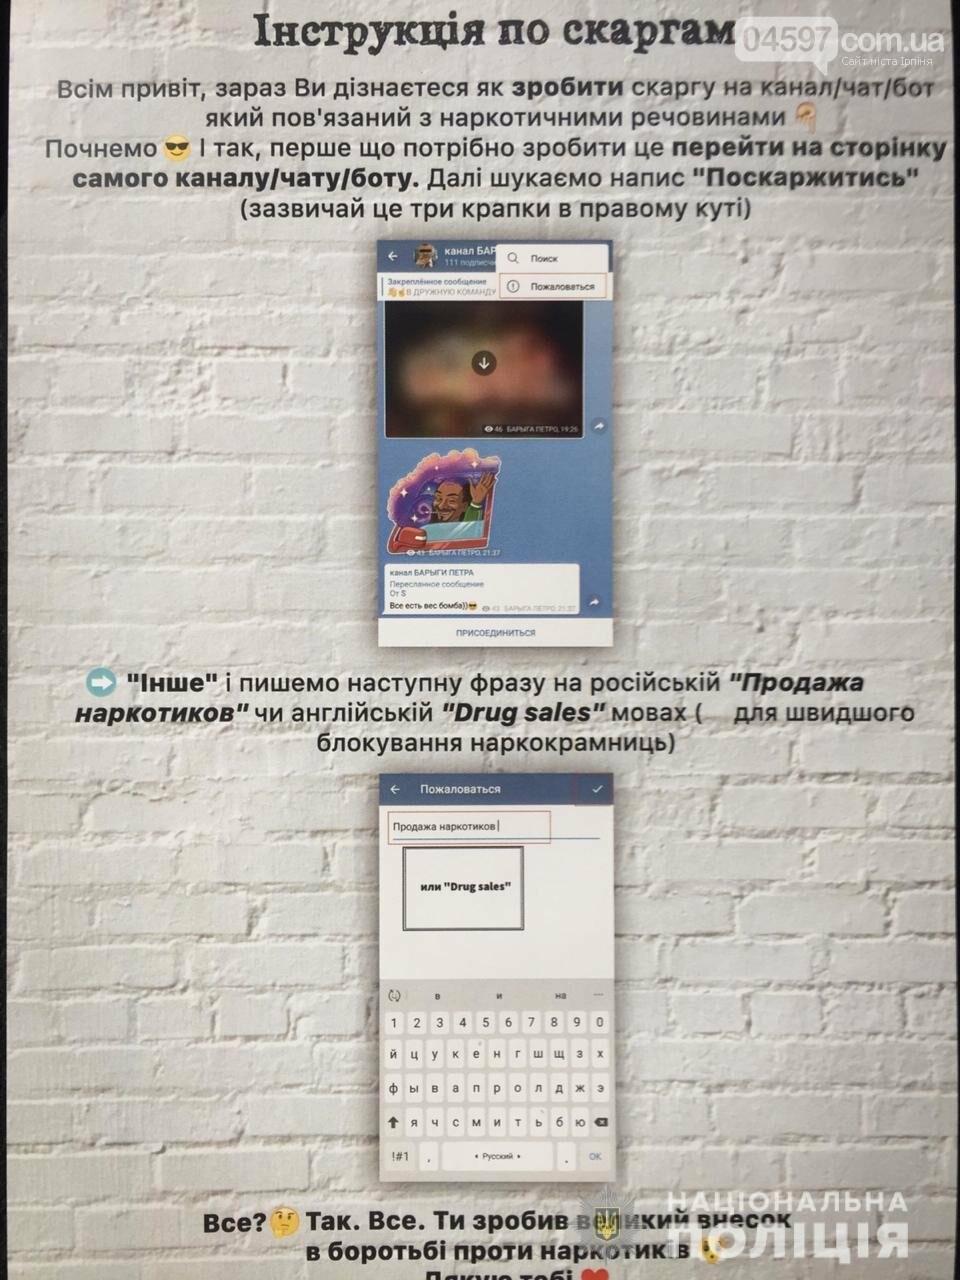 На Київщині запустили чат-бот для відстеження наркотрафіку у Telegram, фото-1